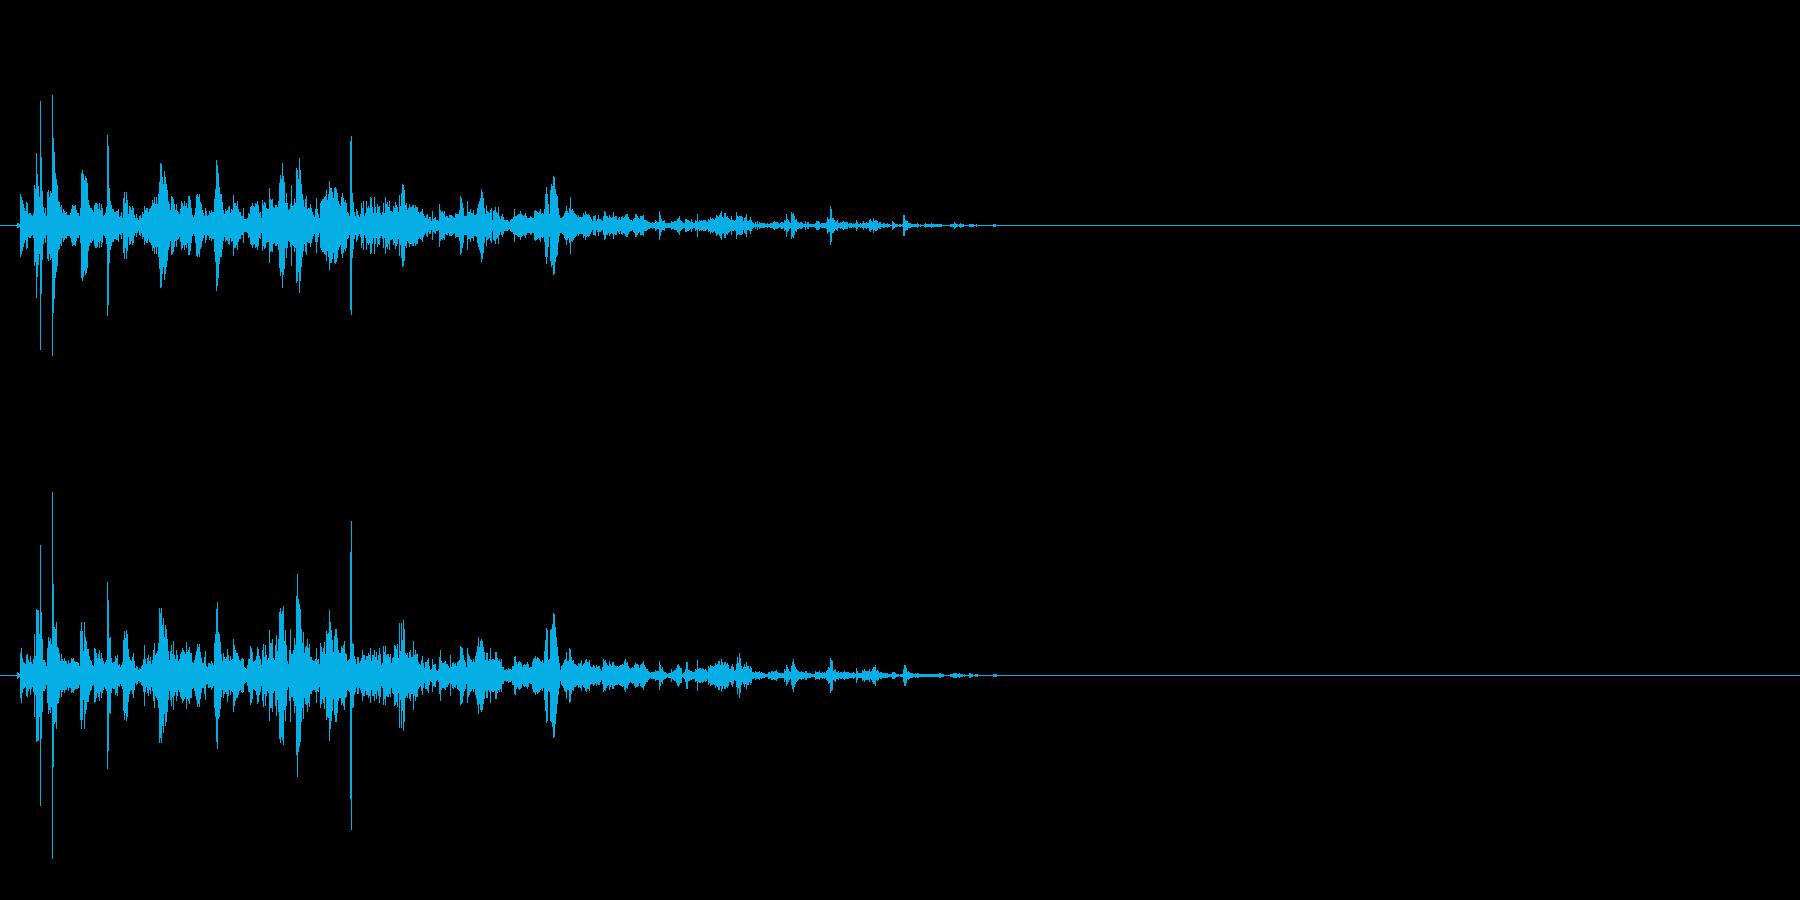 氷 かき混ぜる音の再生済みの波形